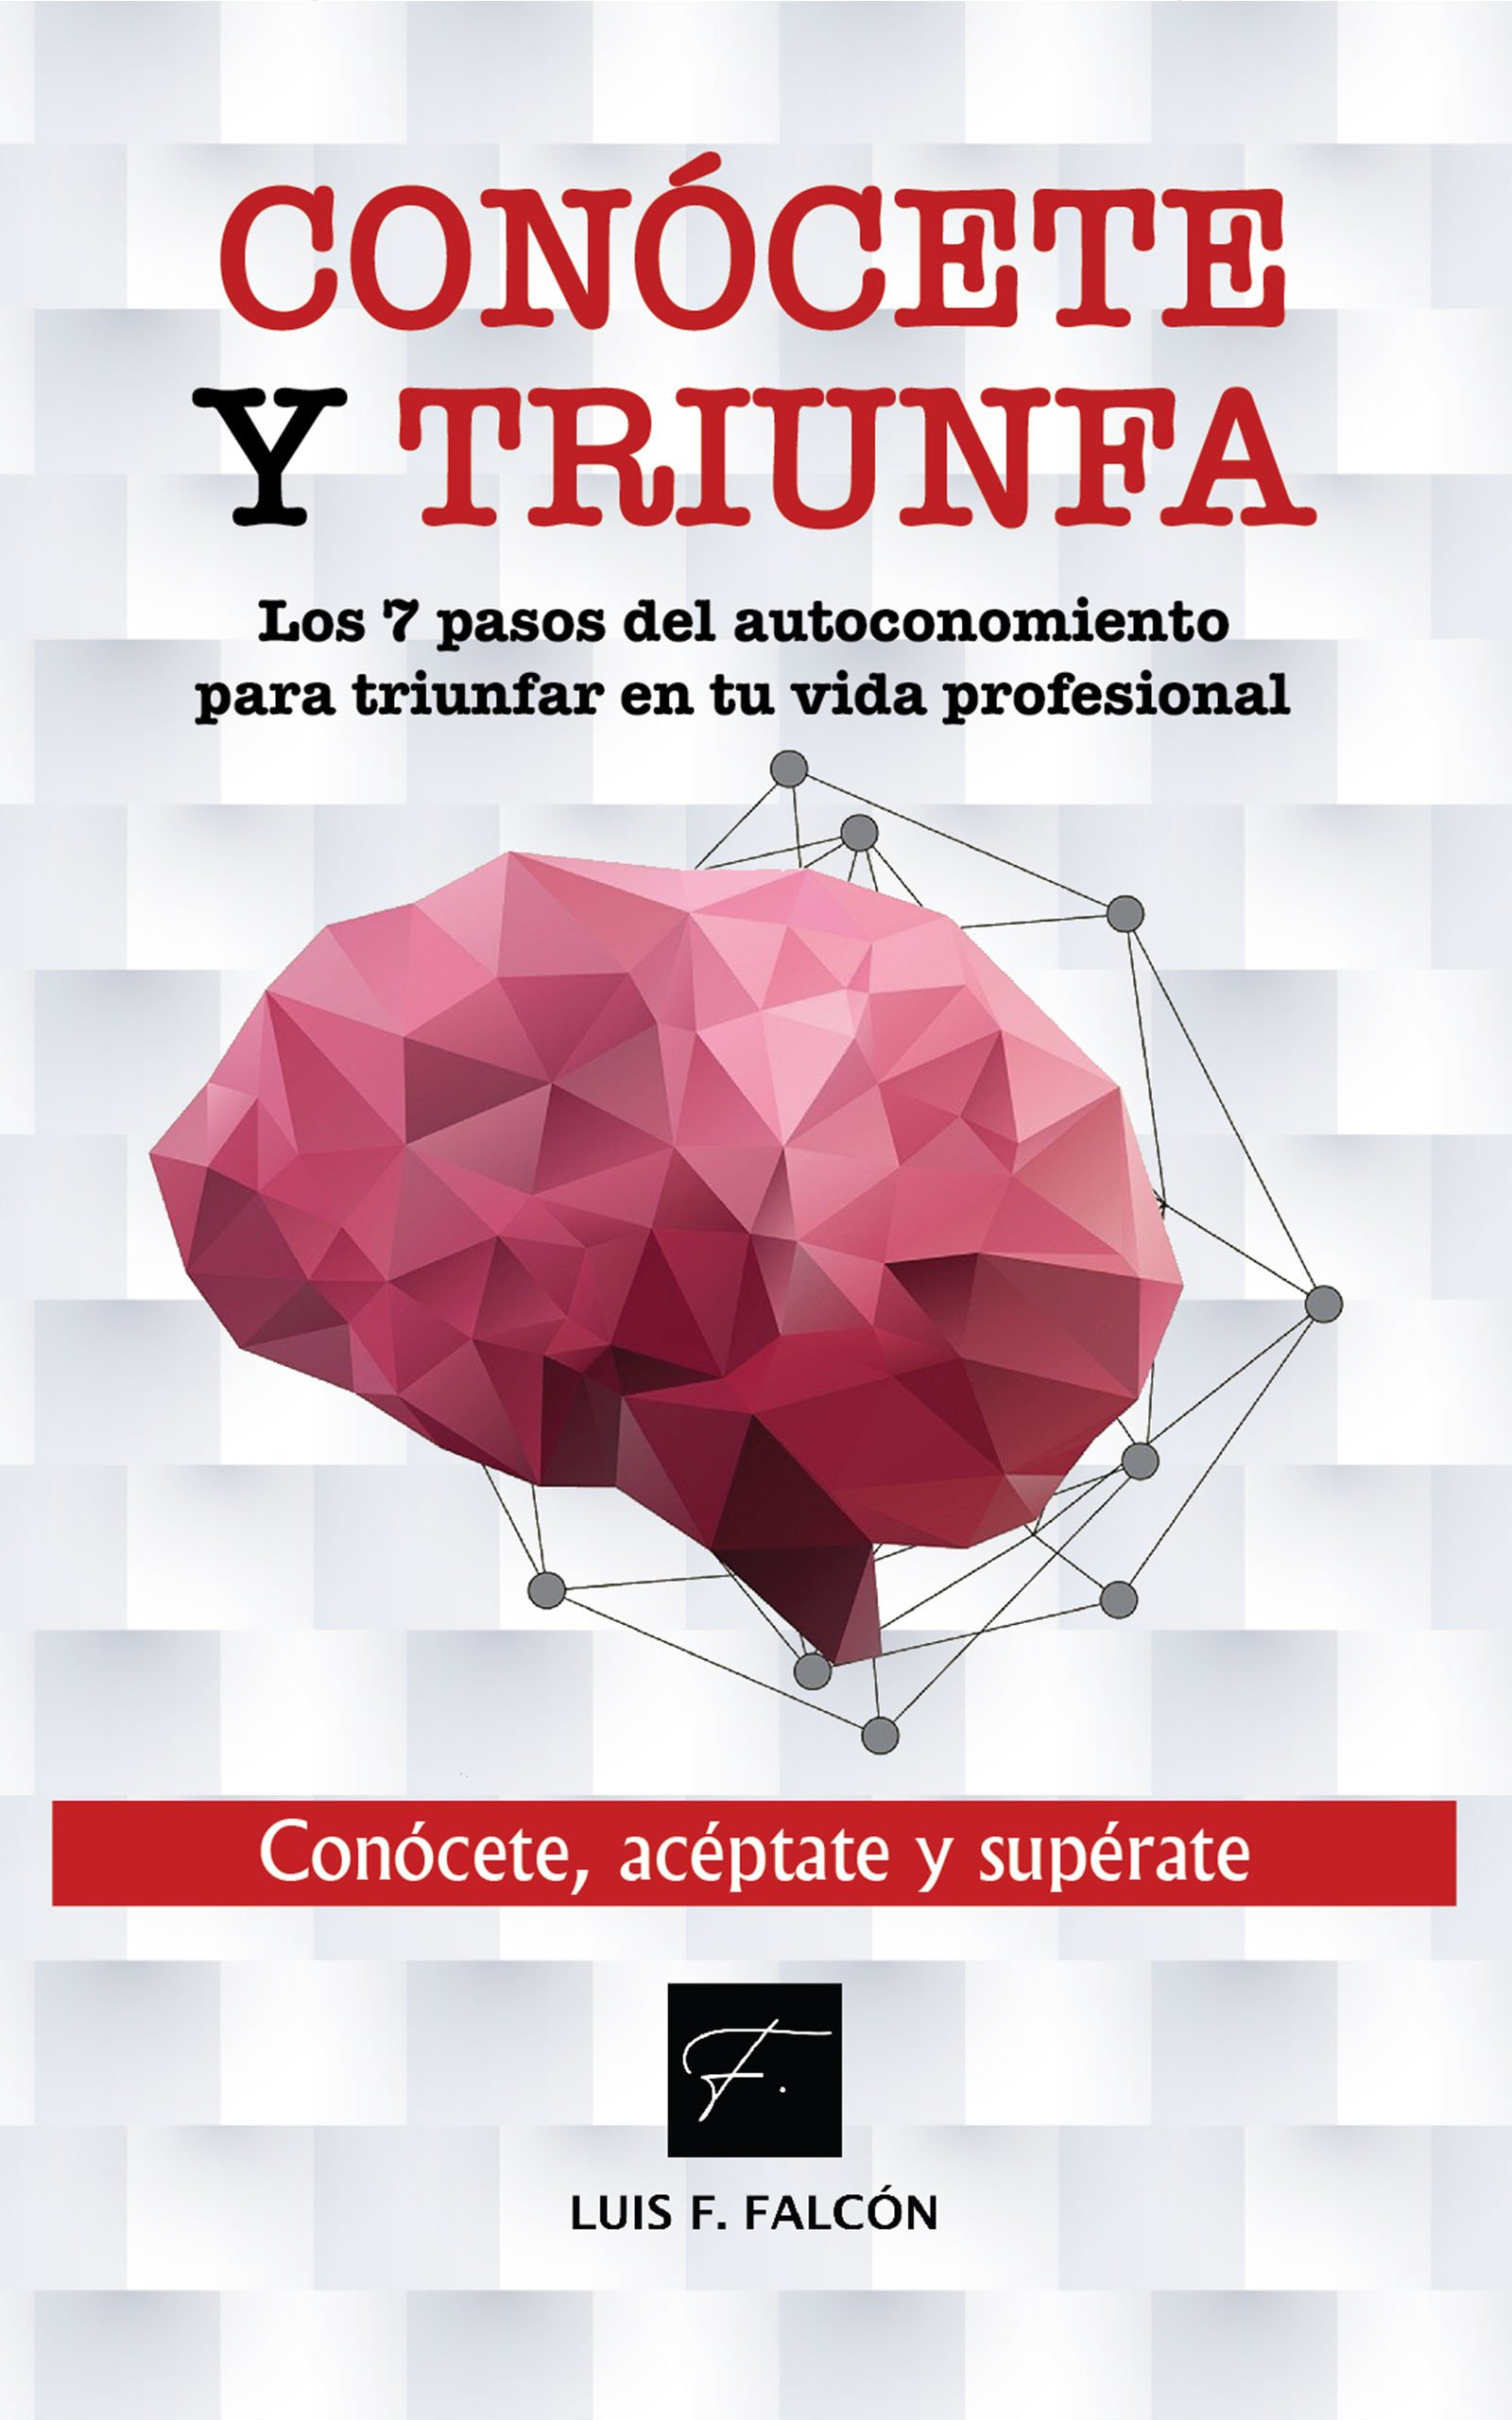 Conócete y triunfa, de Luis F. Falcón